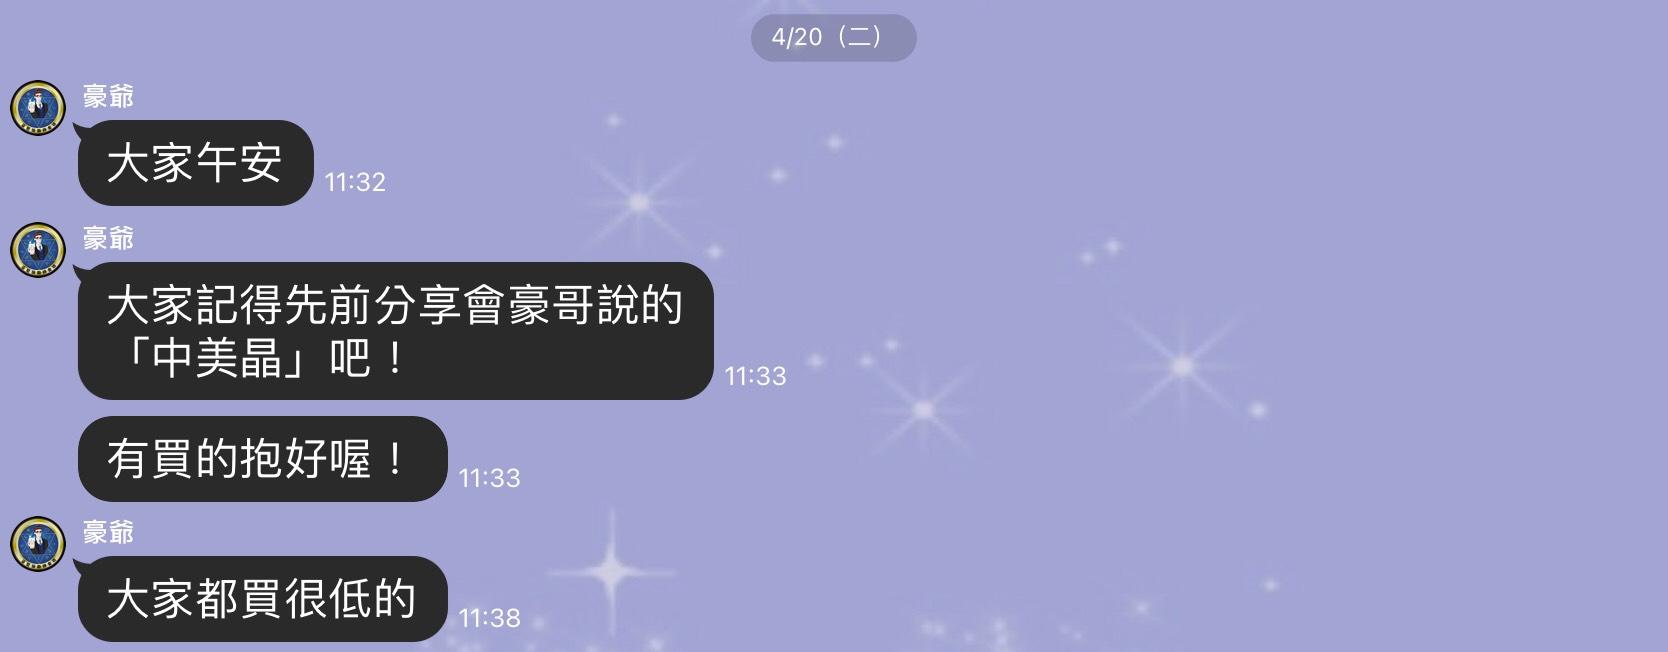 2021/04/26 豪爺週報+感謝參與台南講座的各位支持_02